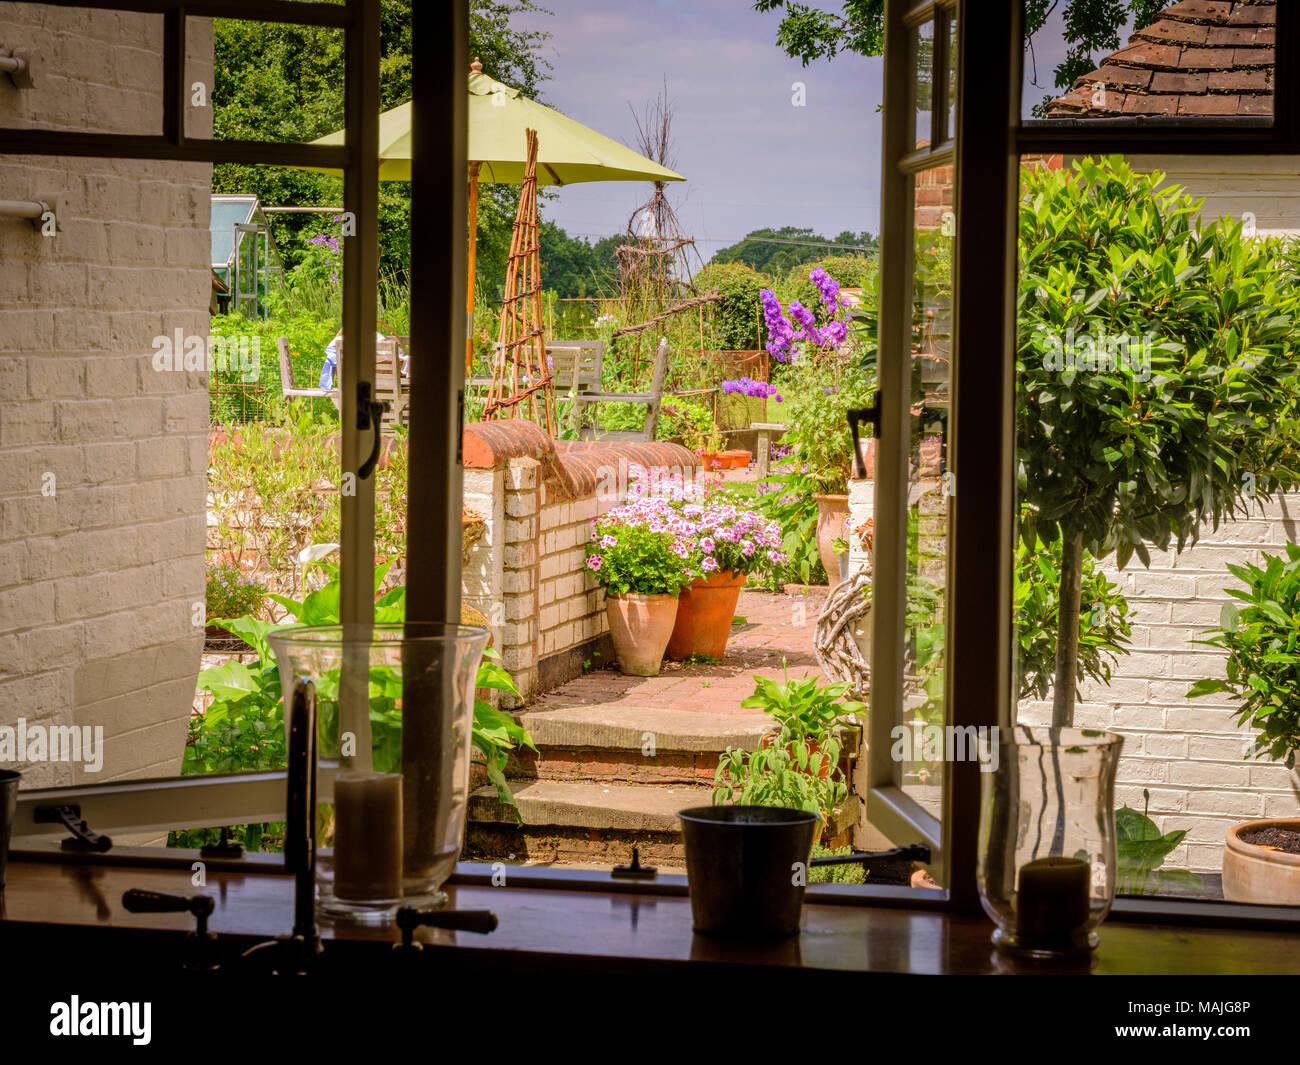 Sommerküchen Garten : Eine sommerküche garten aus gesehen in einem haus suchen stockfoto